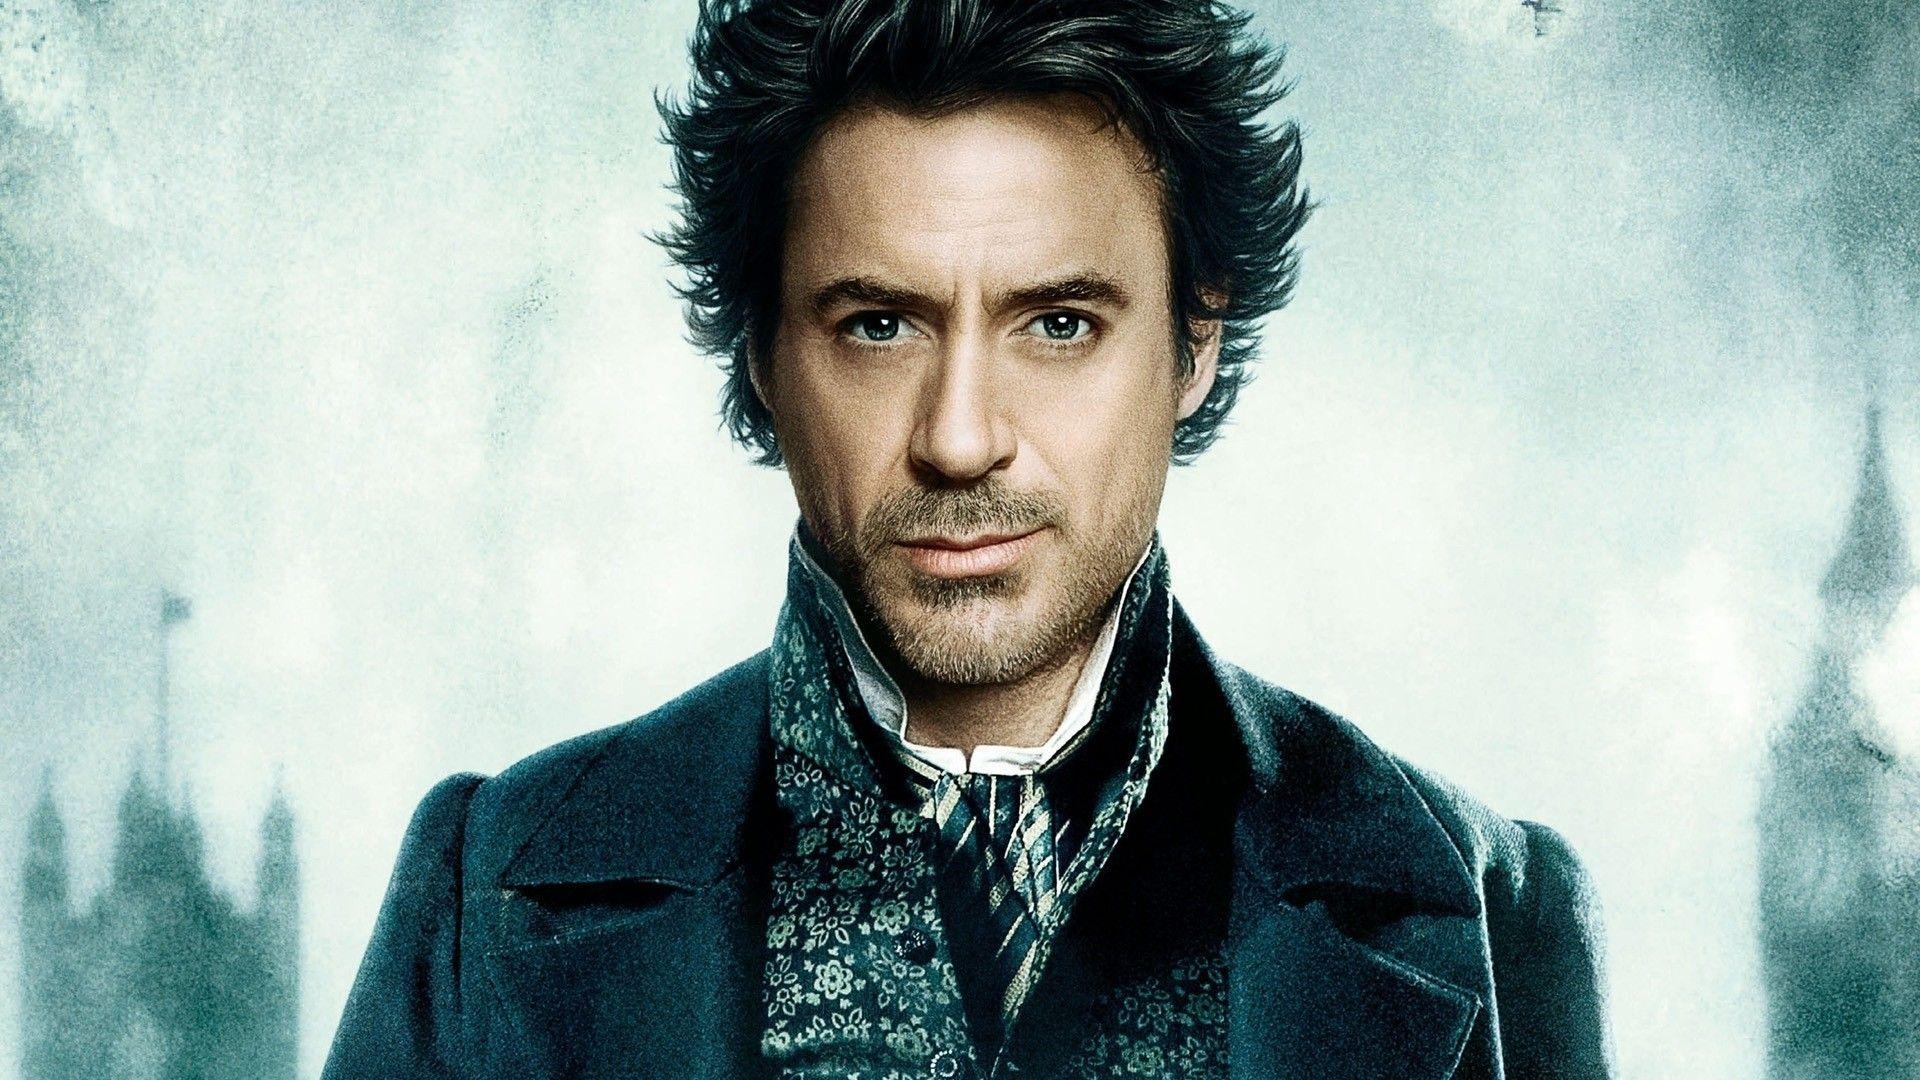 Robert Downey, Jr. Backgrounds